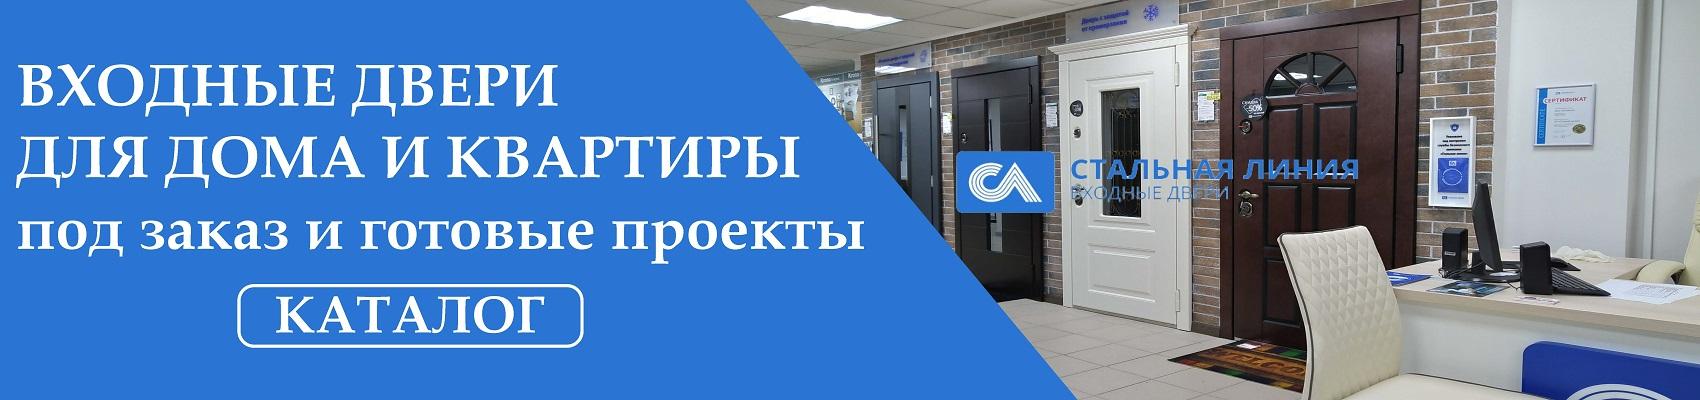 """Входные двери """"Стальная Линия"""" в ТЦ Мега"""